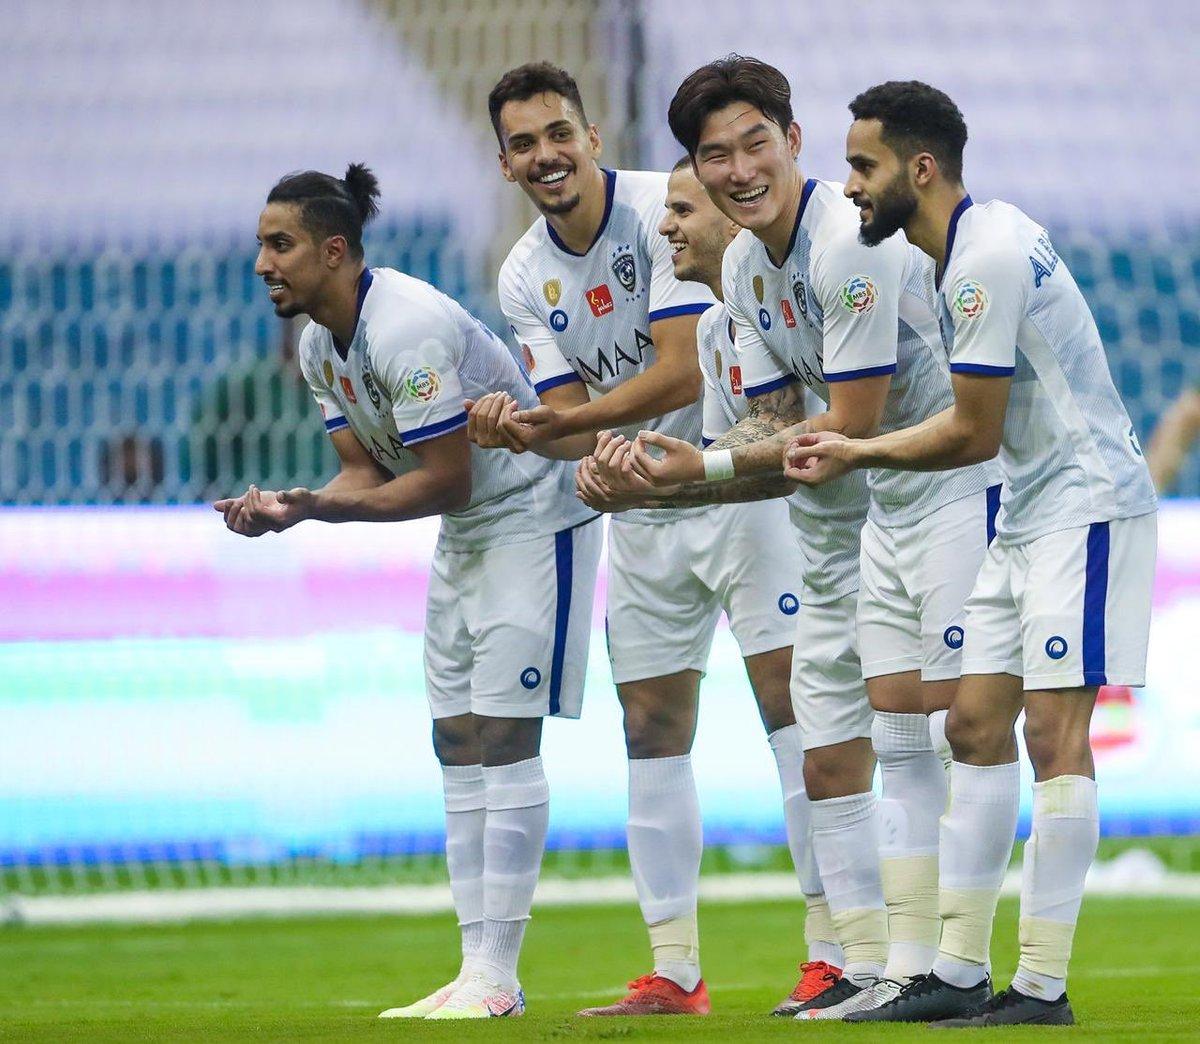 #الهلال يرأف بالنصر وينهي المباراة بـ أربعة أهداف بدلاً من خمسة أهداف. https://t.co/GbDXU1UNk4